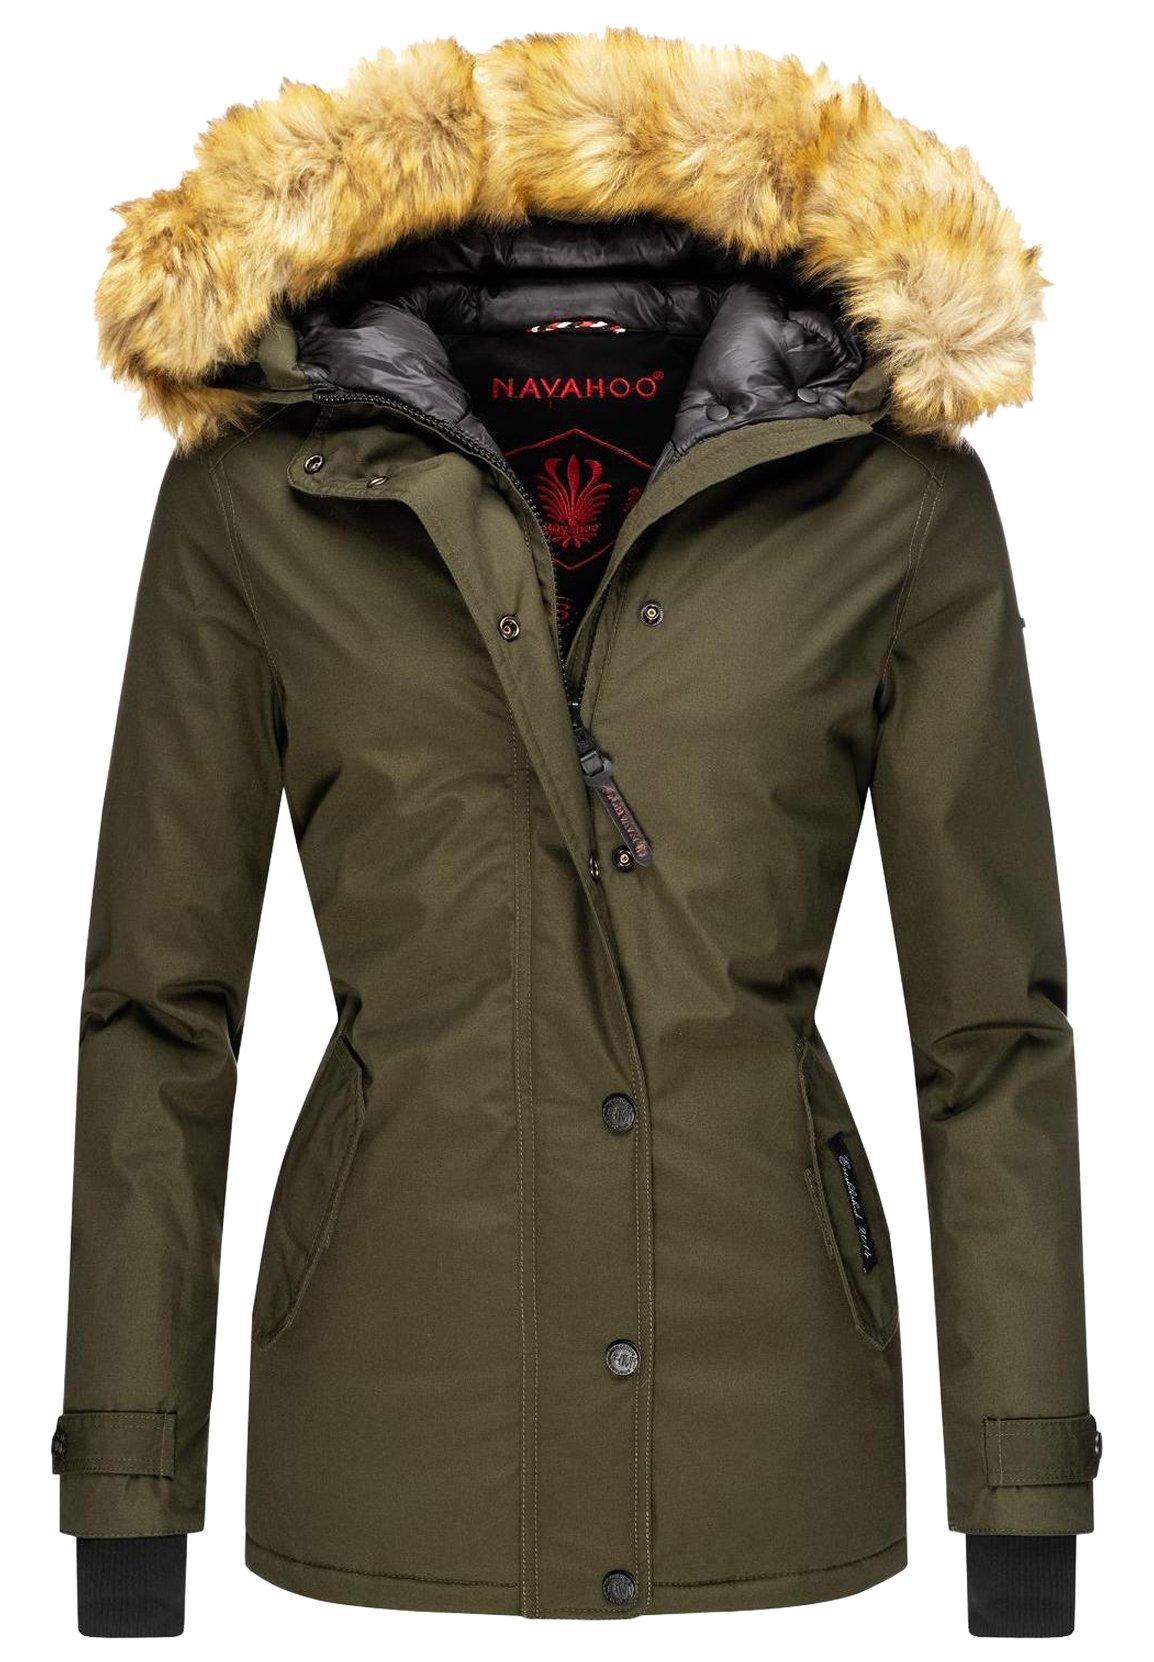 Grüne Jacken für Damen online kaufen   Zalando